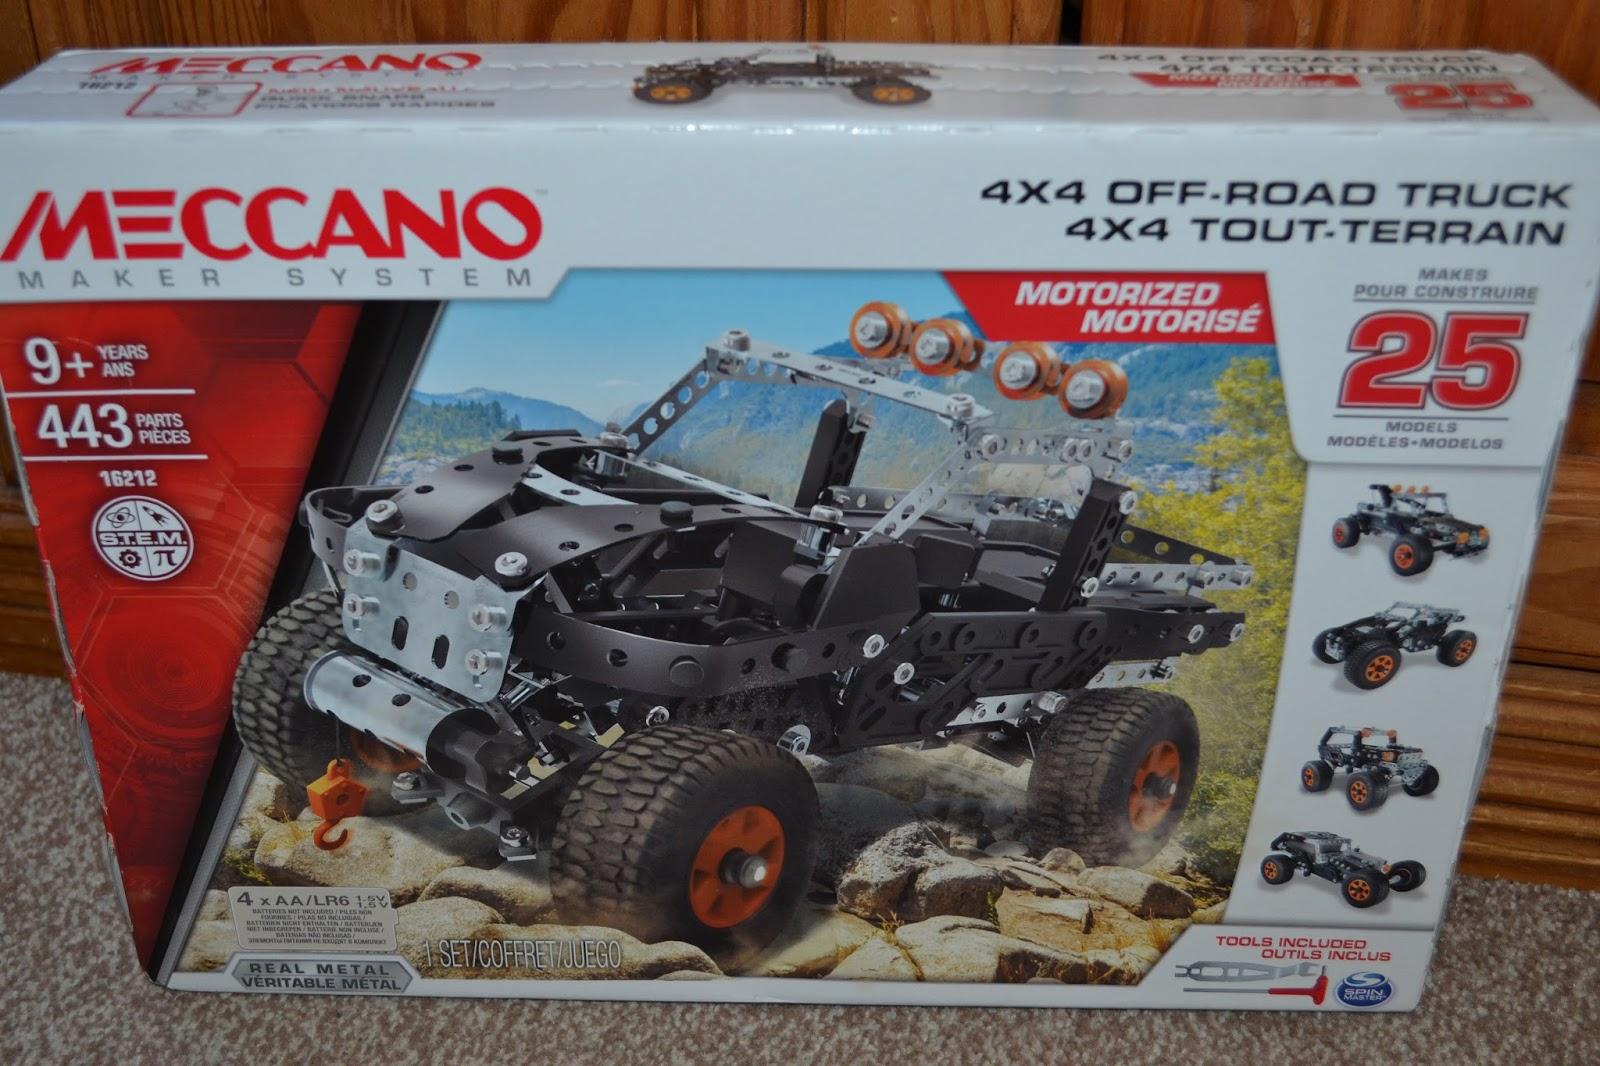 meccano 4x4 off road truck instructions